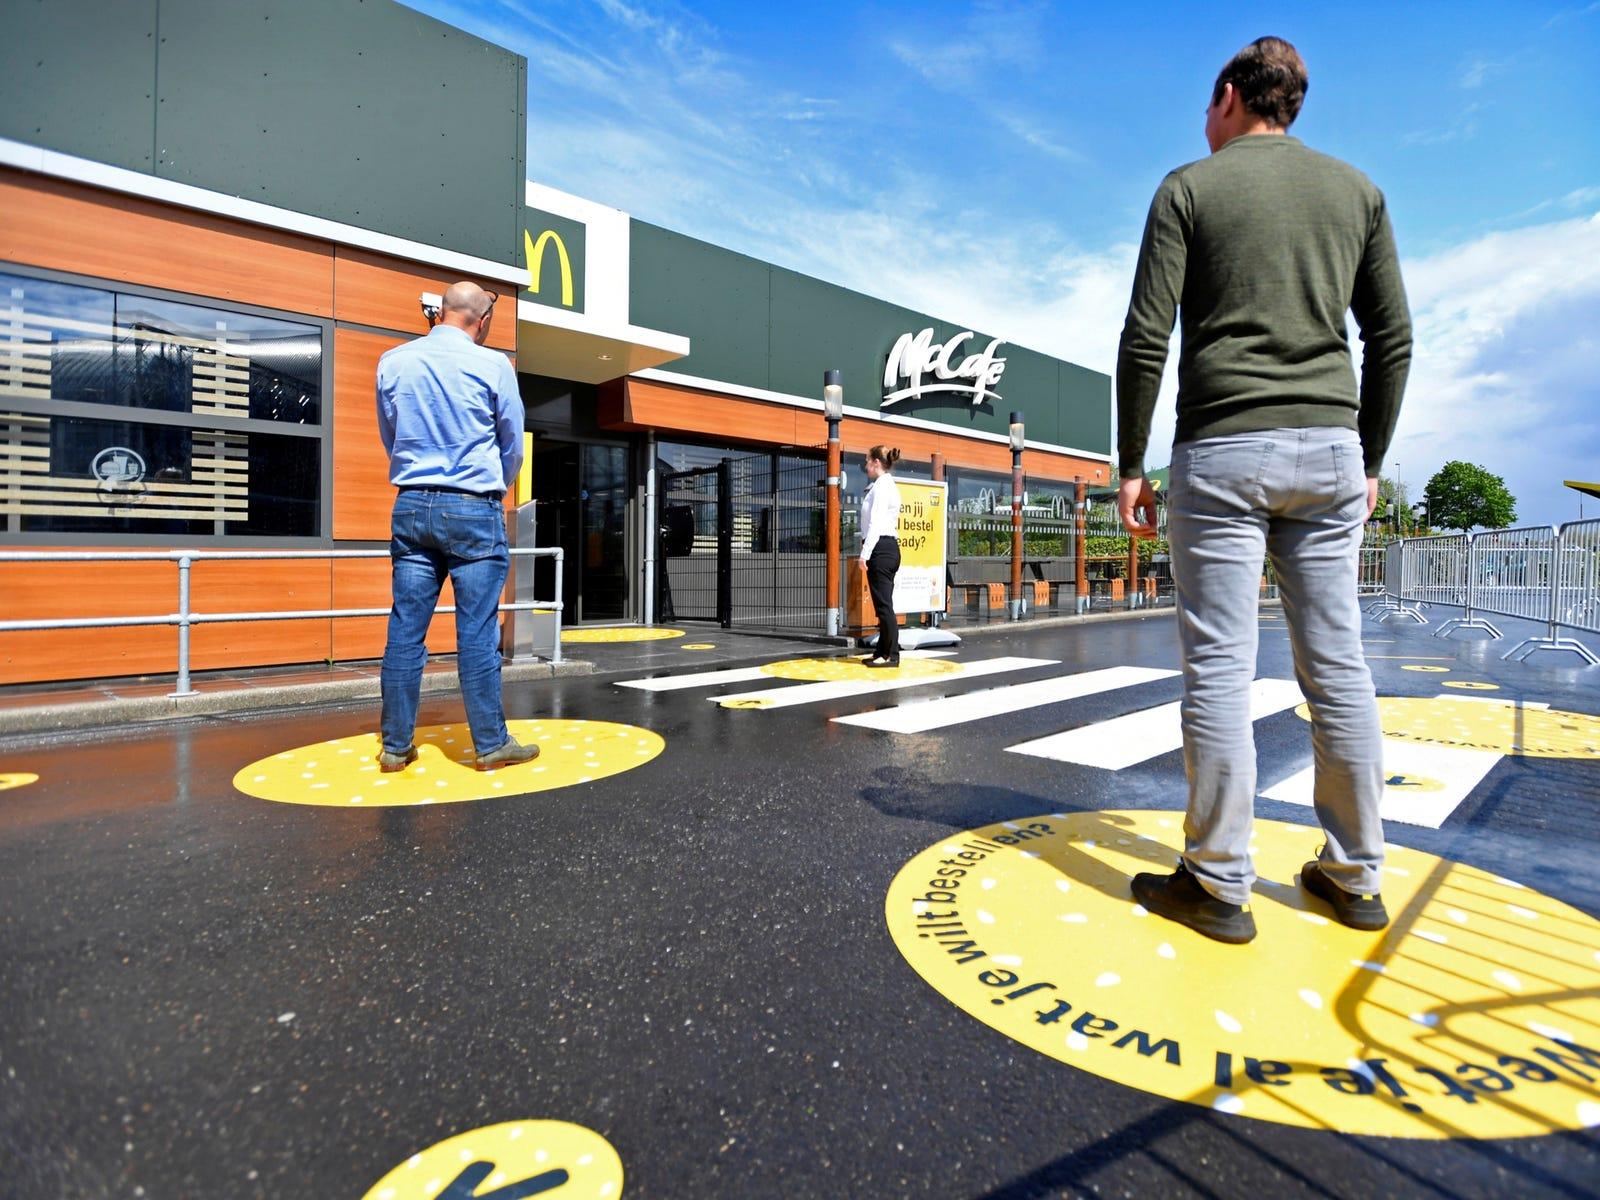 Макдоналдс открыл первый в мире антикоронавирусный ресторан